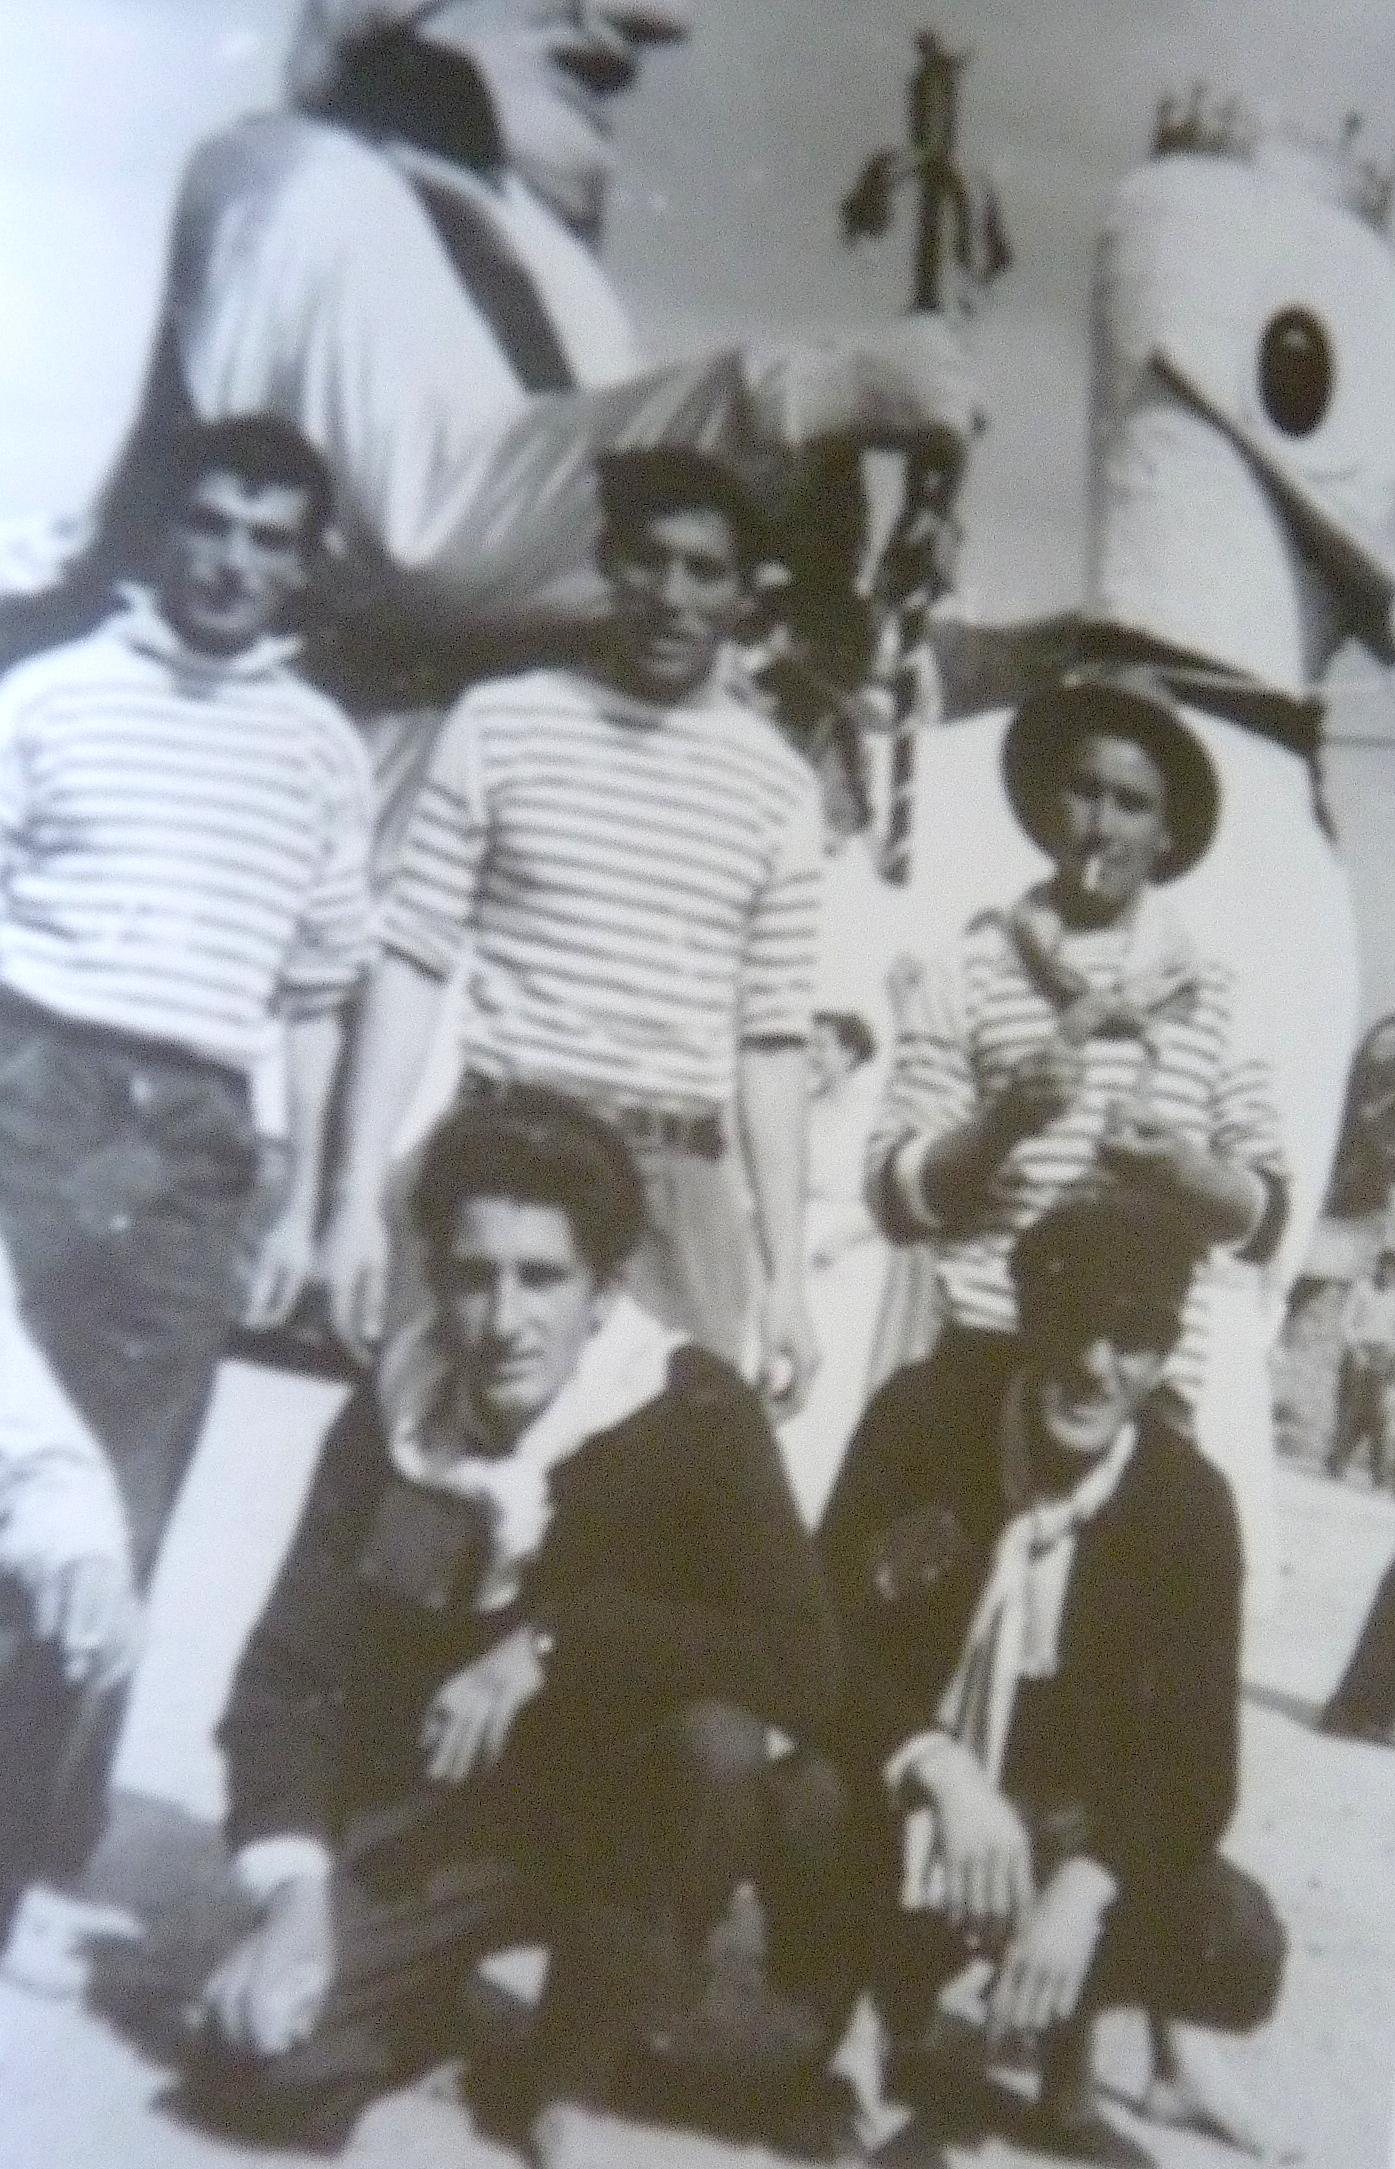 Le grand retour du Carnaval d'Ajaccio les 2 et 3 juillet : Napoléon et Tino Rossi rois de la fête